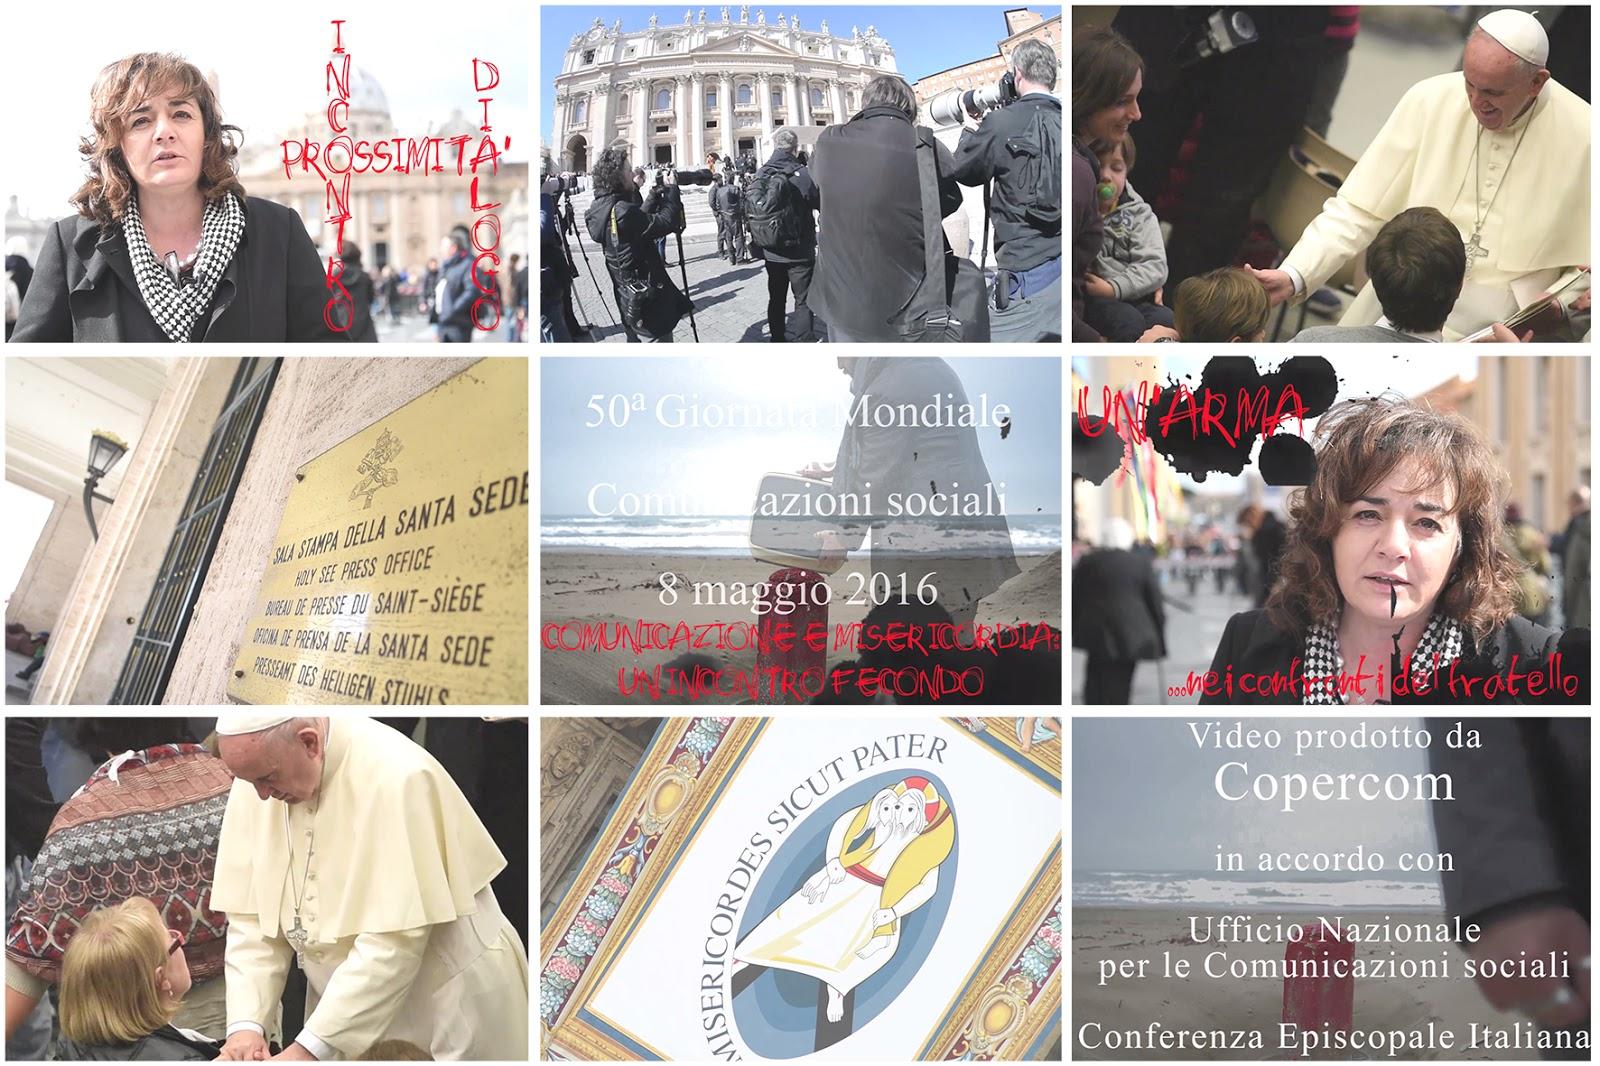 Ufficio Nazionale Per Le Comunicazioni Sociali : L araldo abruzzese il messaggio del papa per la ° giornata